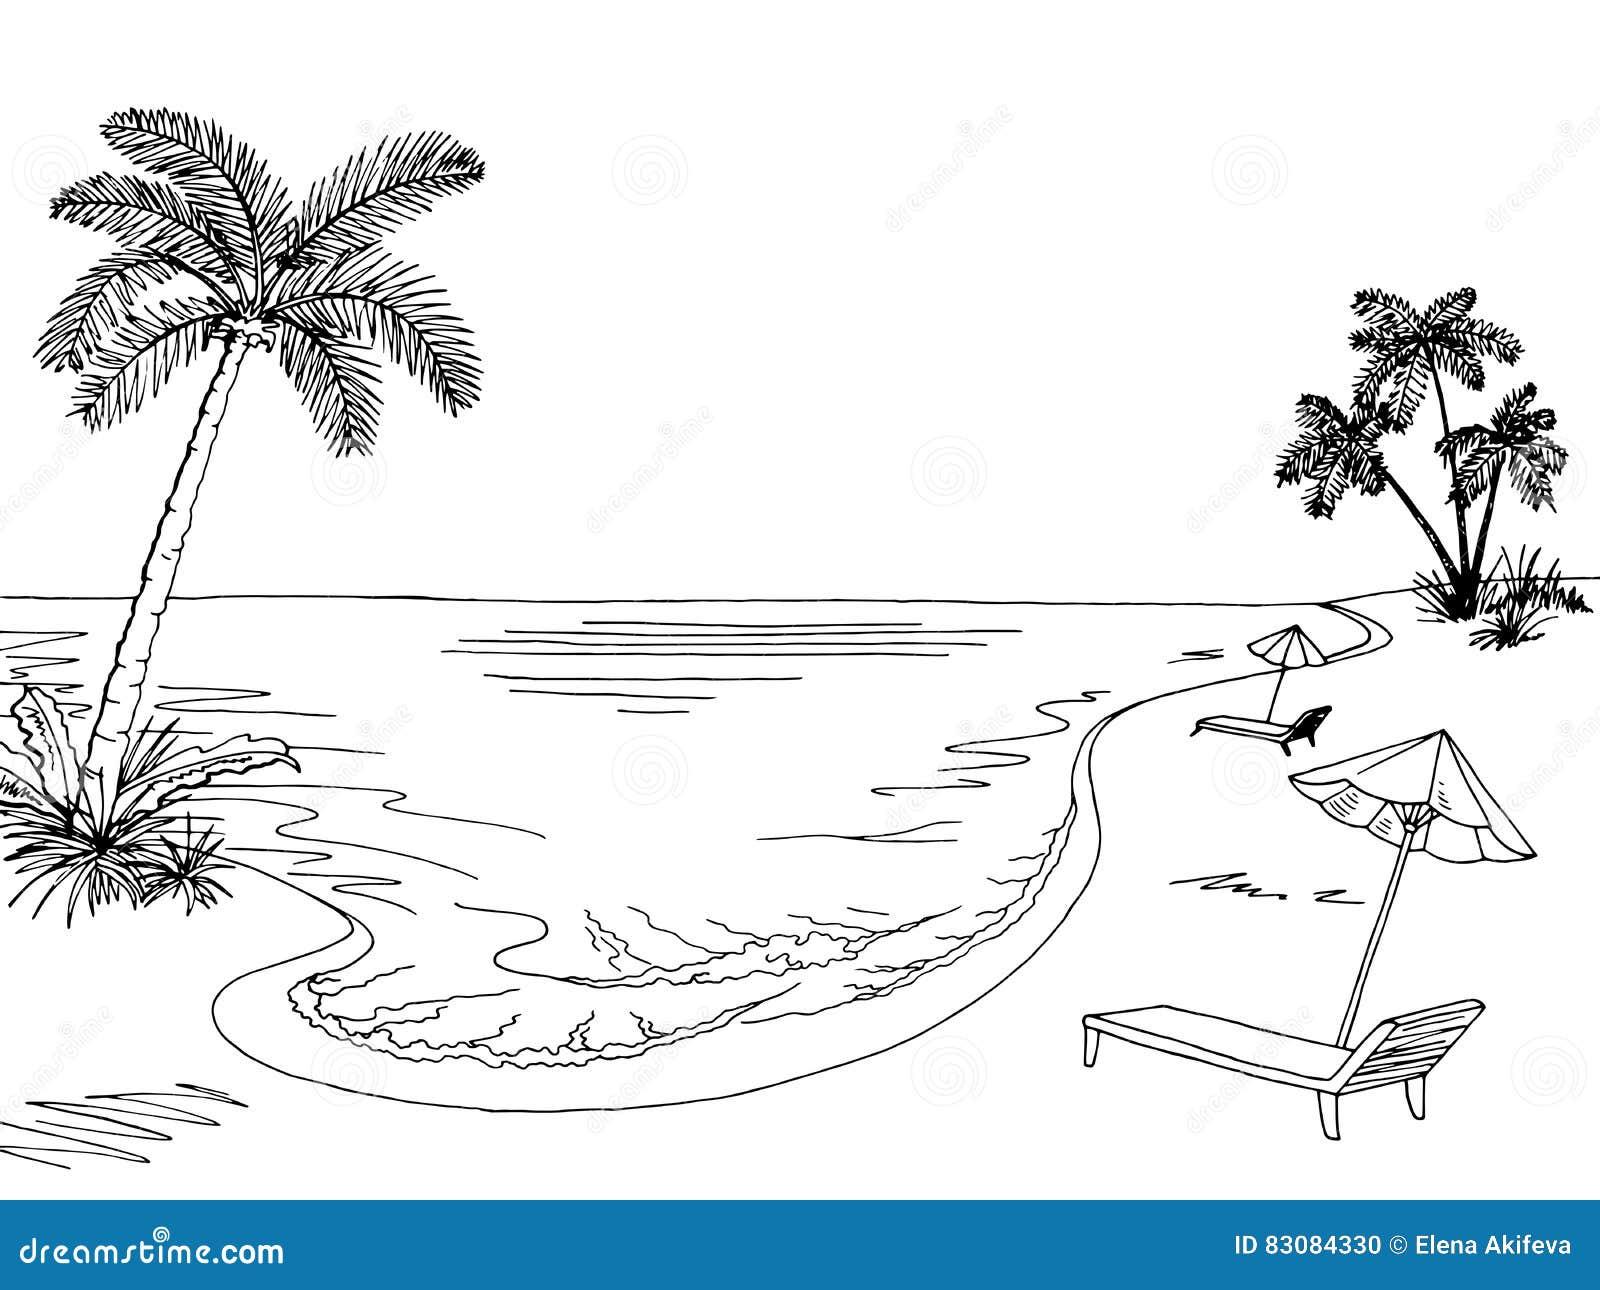 Beach chair and umbrella sketch - Sea Coast Graphic Black White Landscape Sketch Illustration Stock Photo